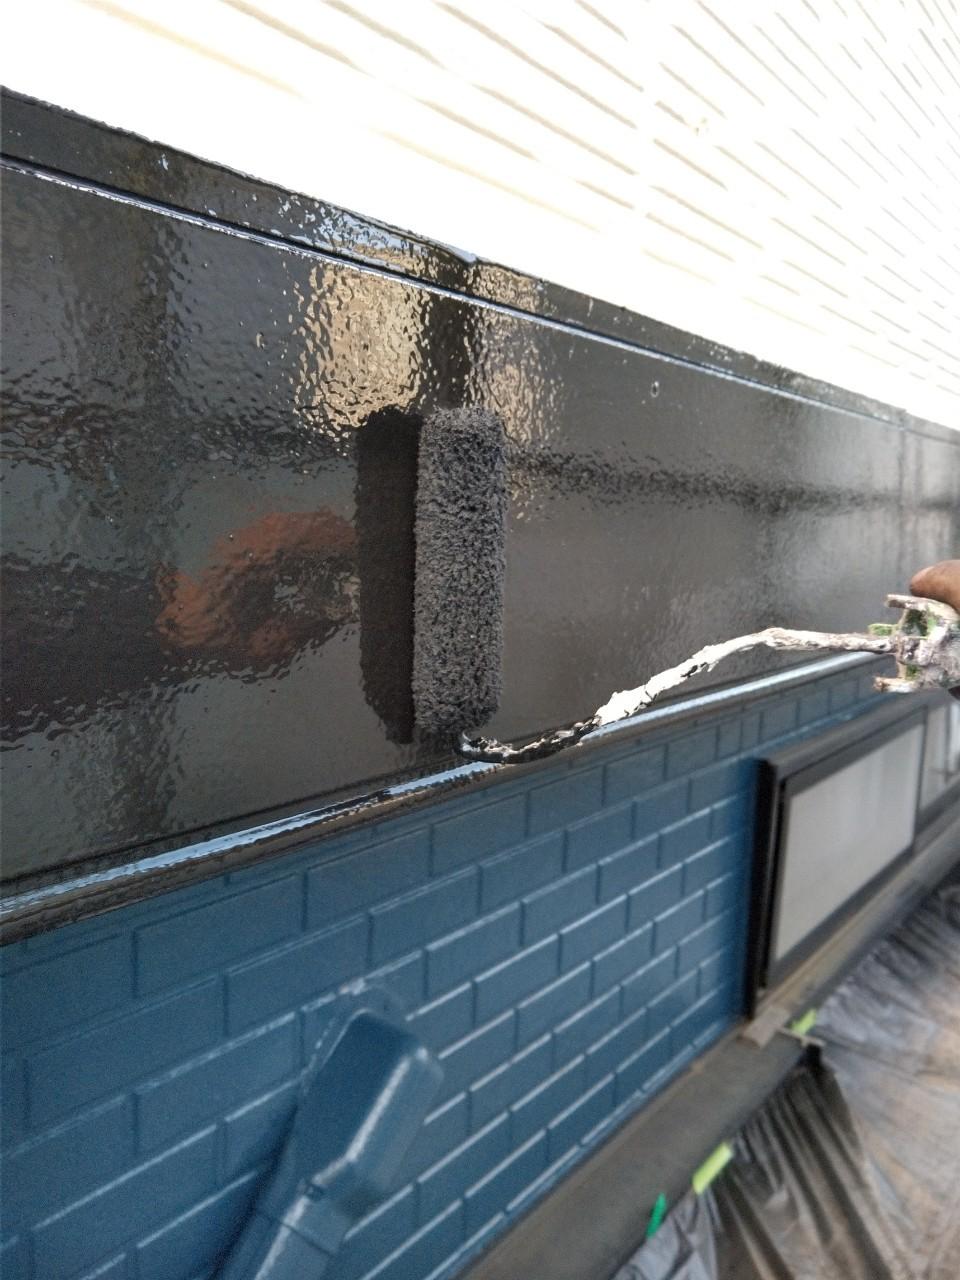 伊奈町賃貸一軒家外壁塗装付帯部胴差し(化粧帯)塗装